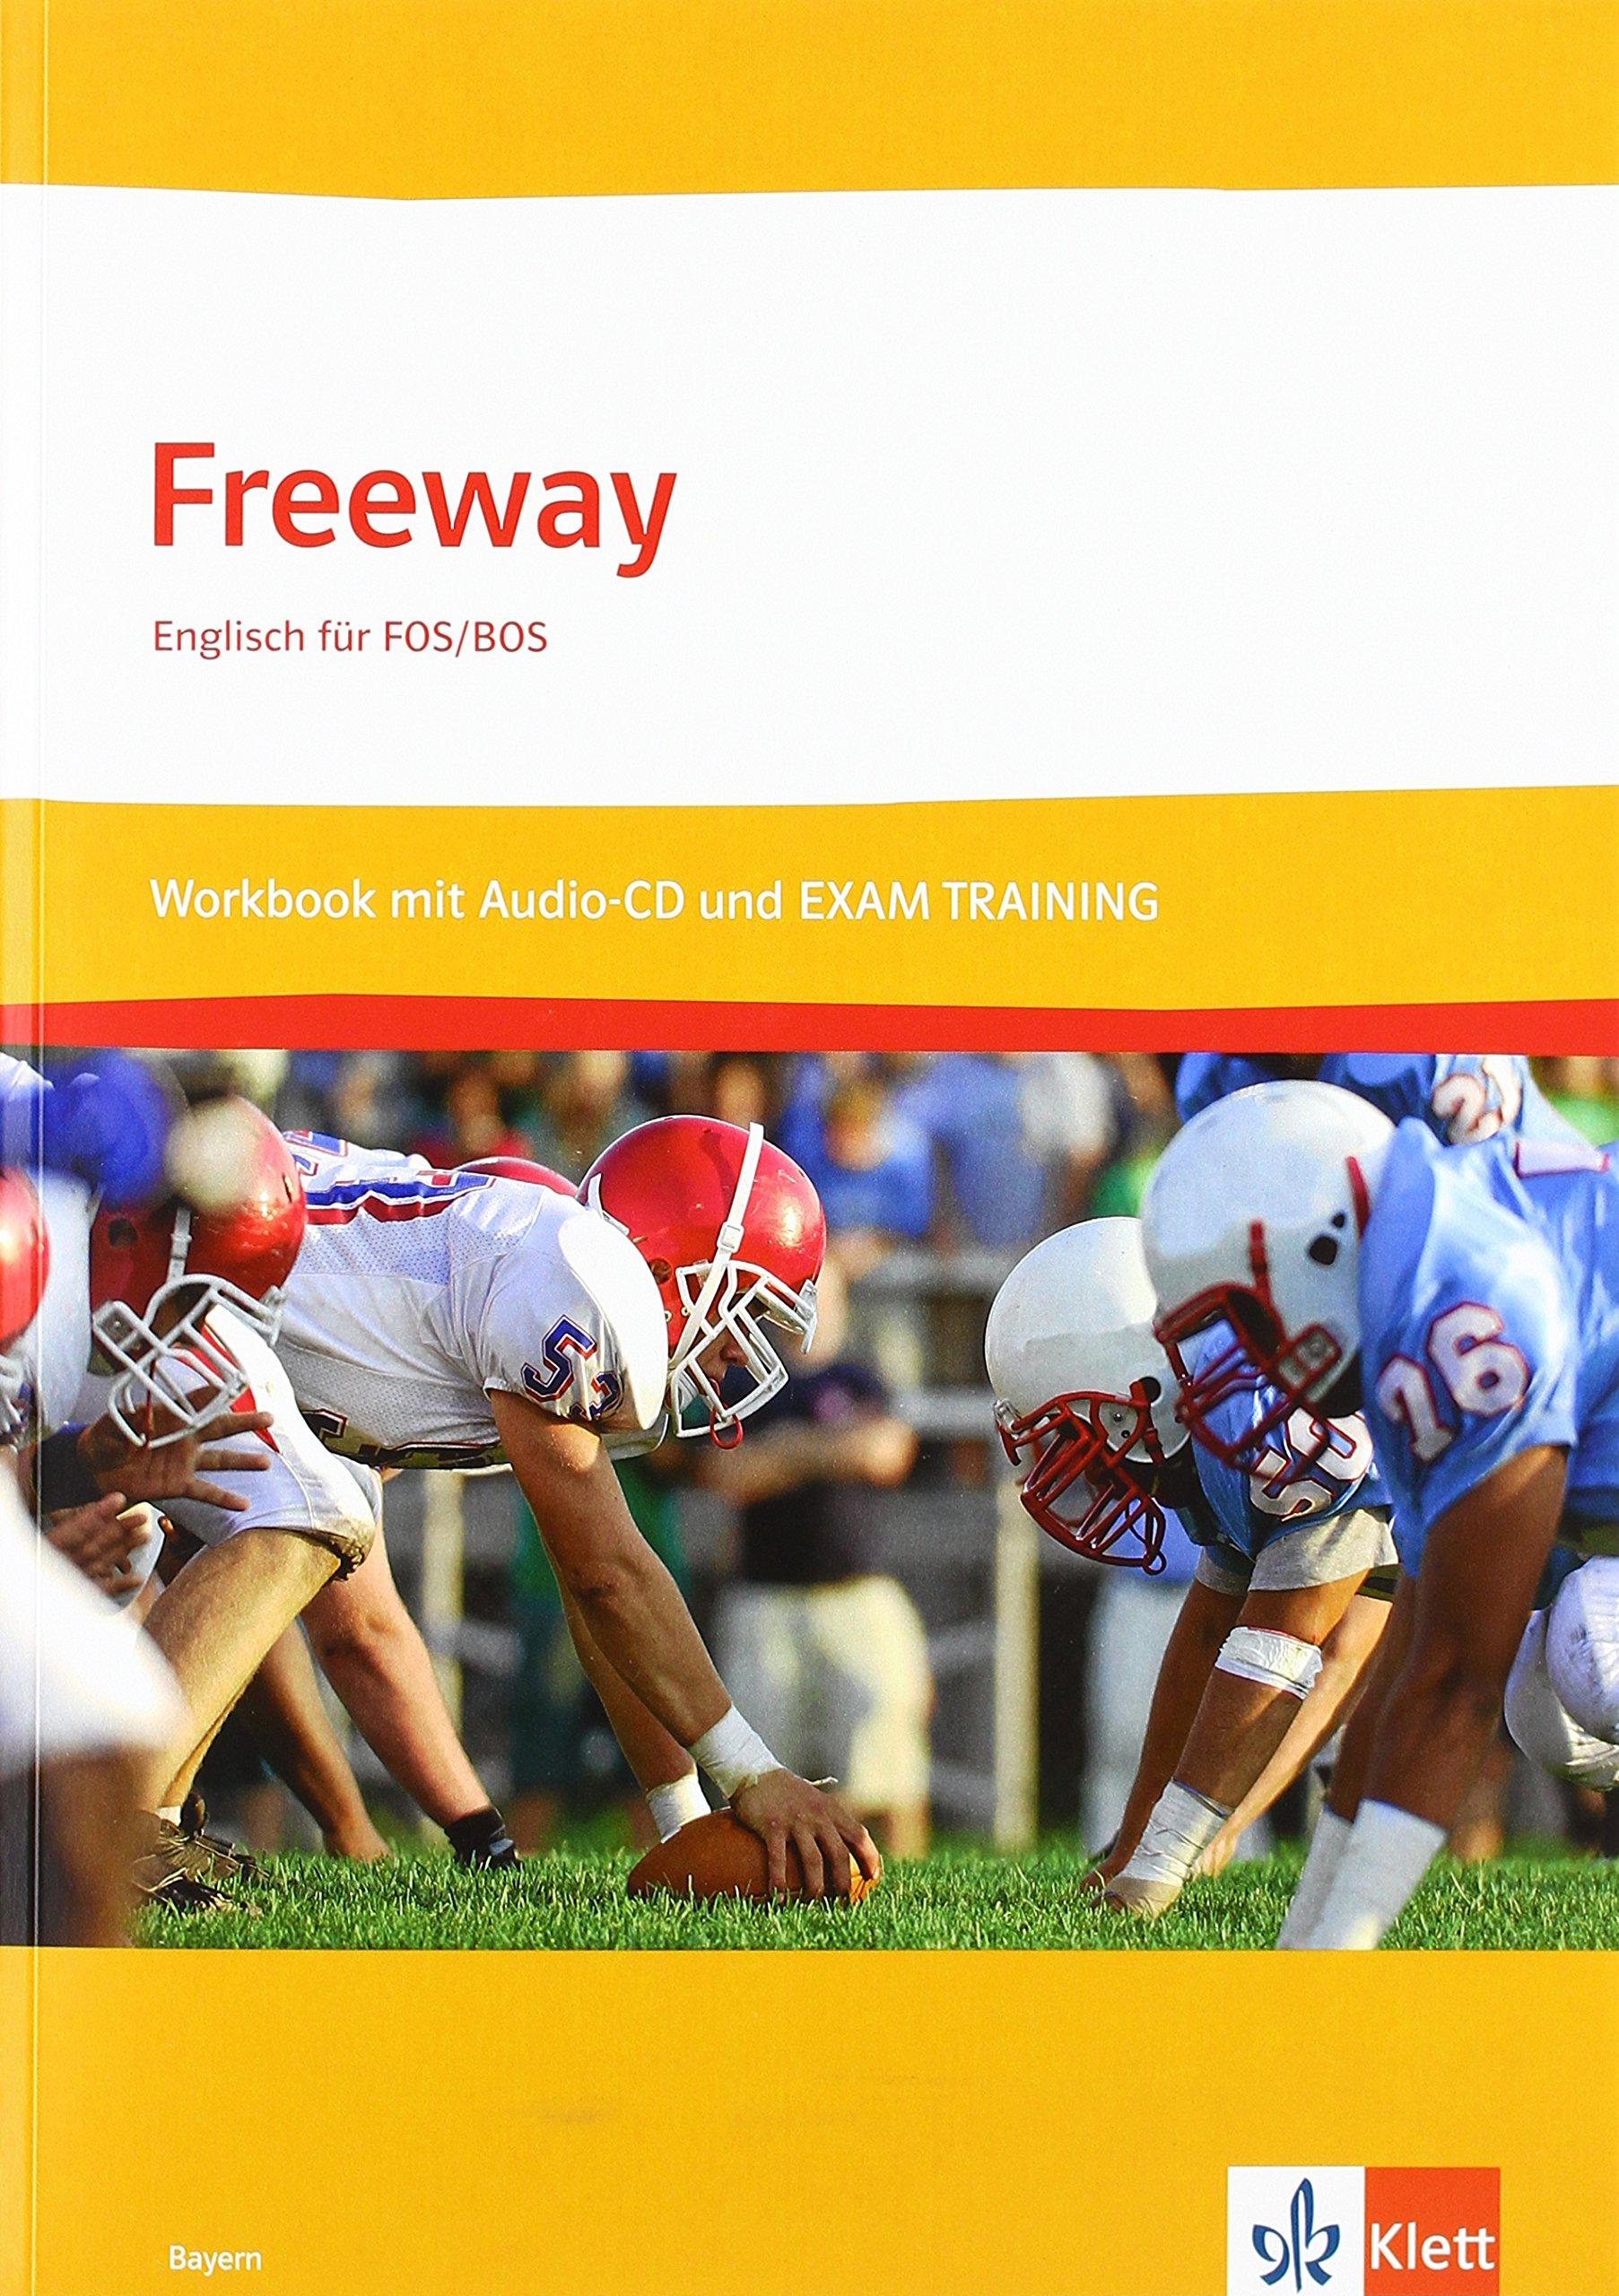 freeway-bayern-englisch-fr-fos-bos-freeway-bayern-workbook-und-exam-training-fhr-mit-lsungsheft-und-audio-cd-rom-englisch-fr-fos-bos